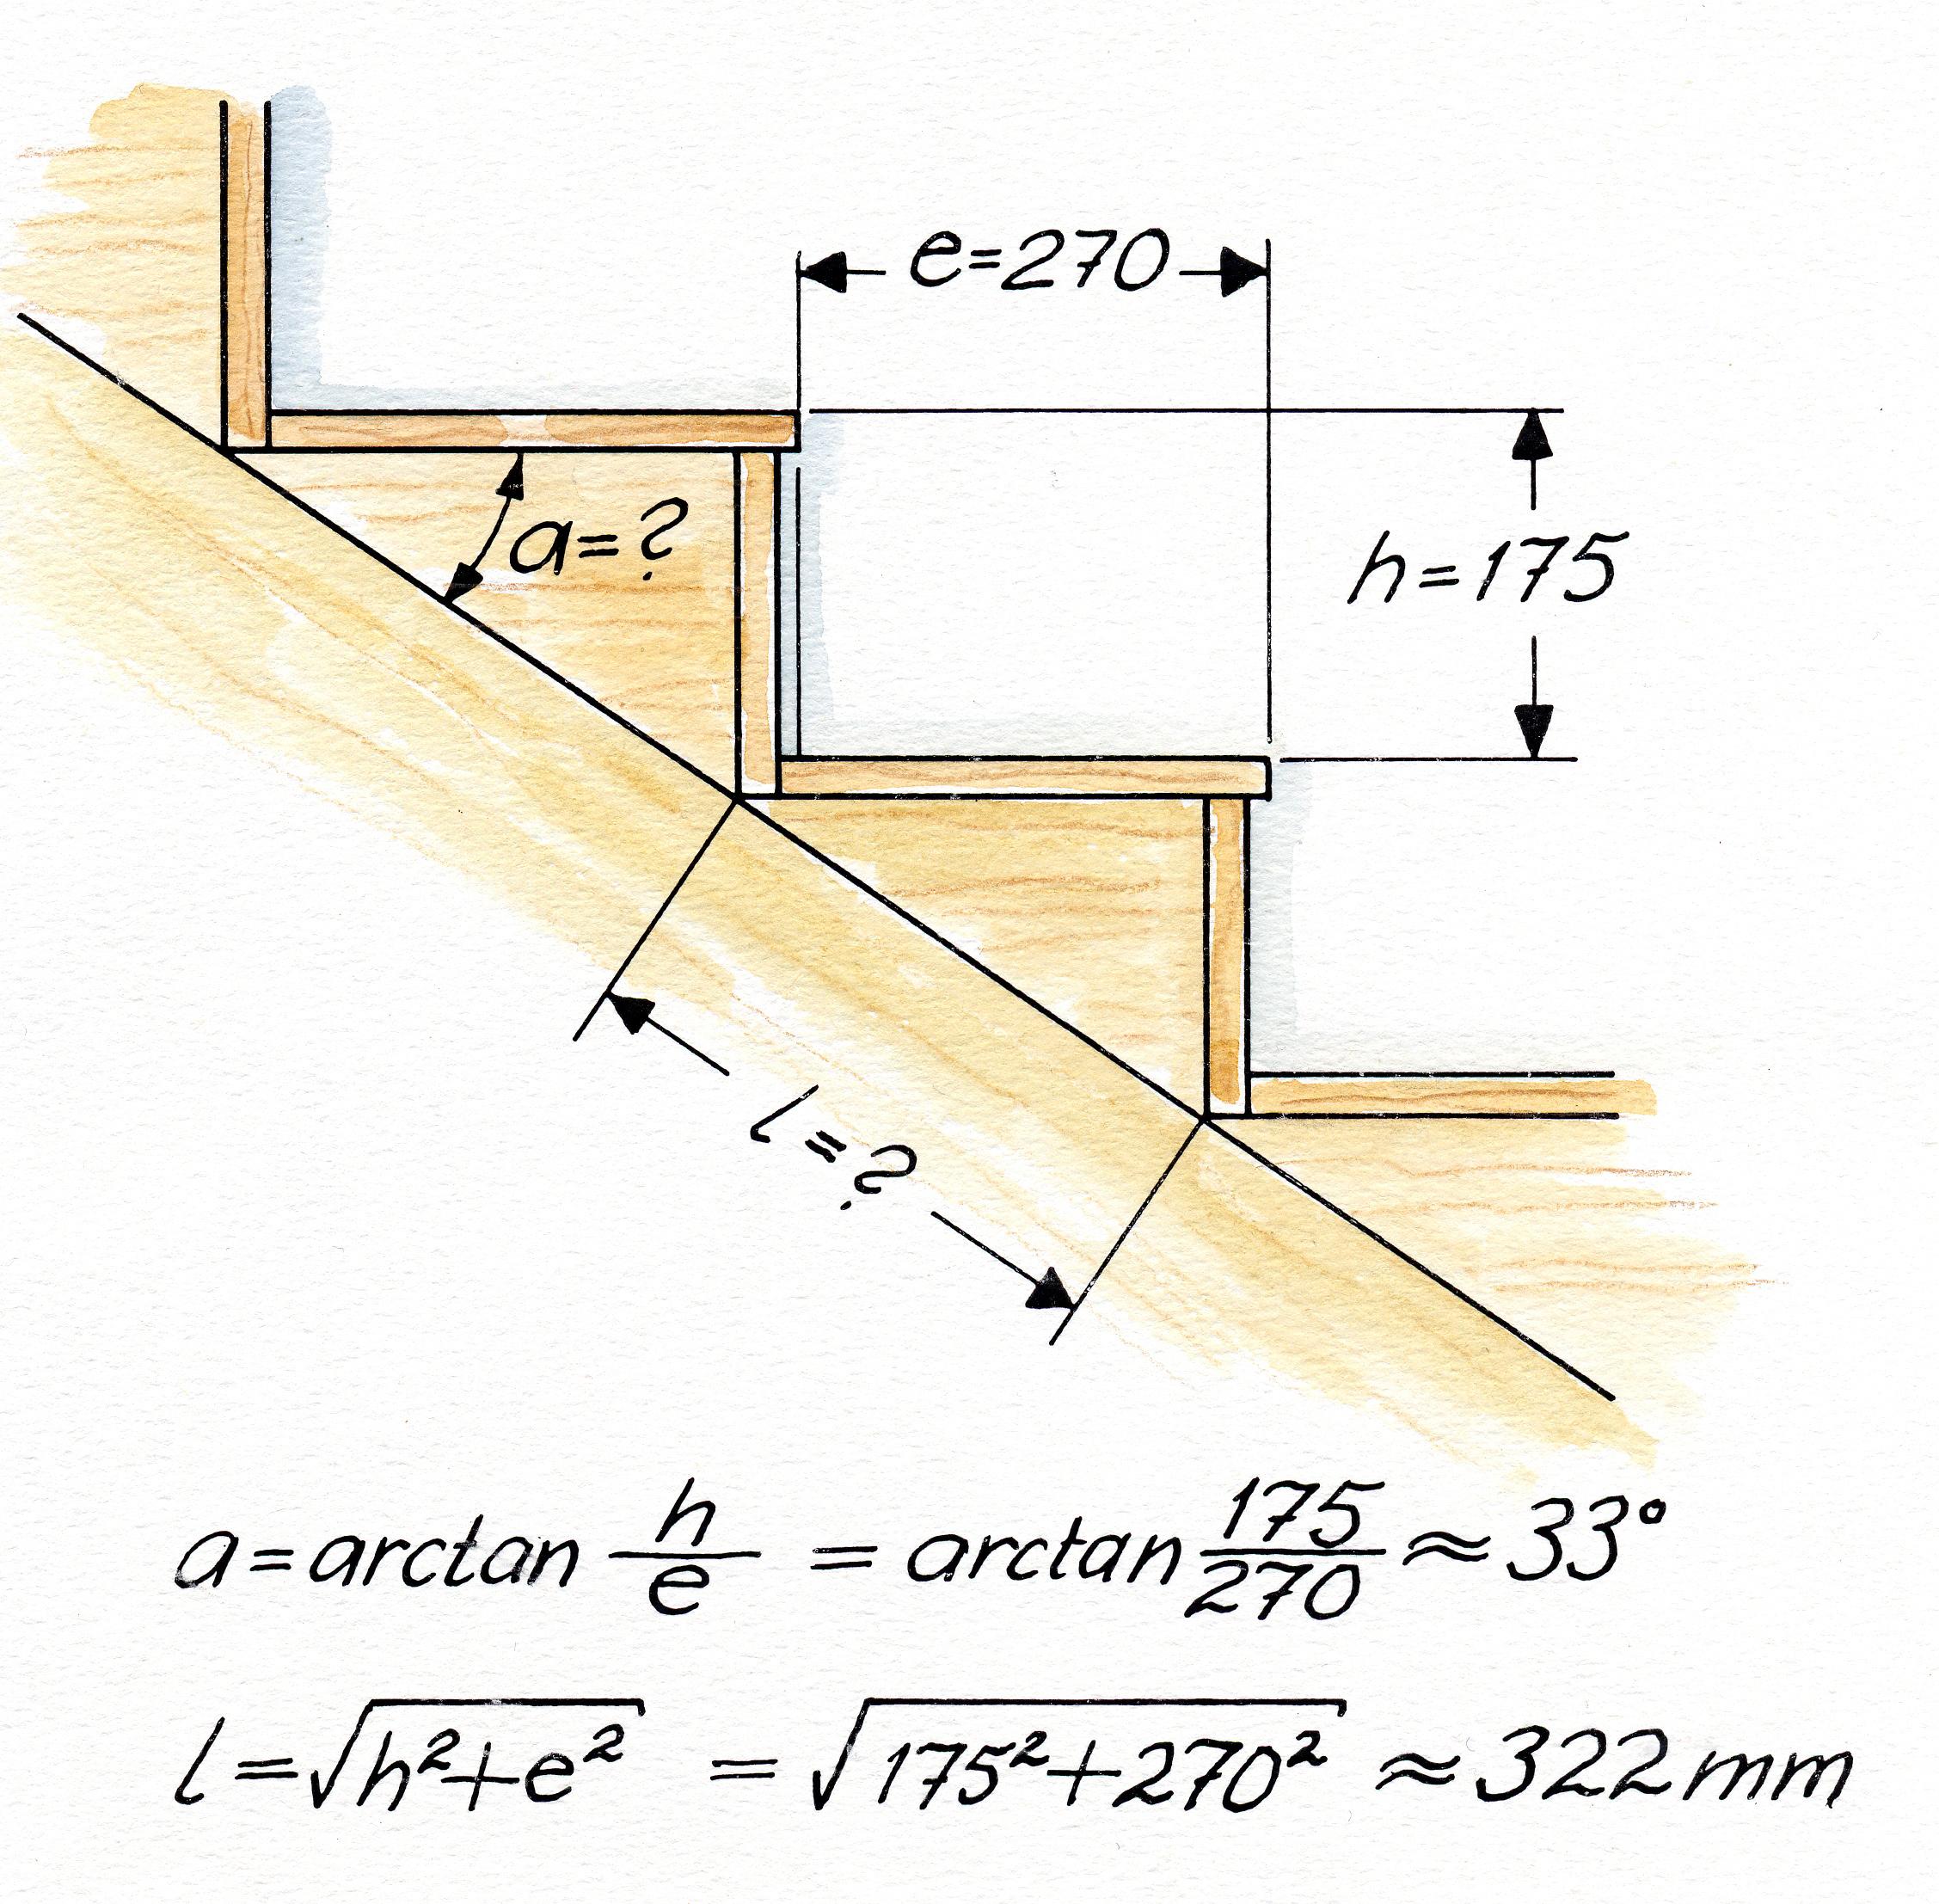 Portaiden mitoitus - montako askelmaa portaisiin tarvitaan?